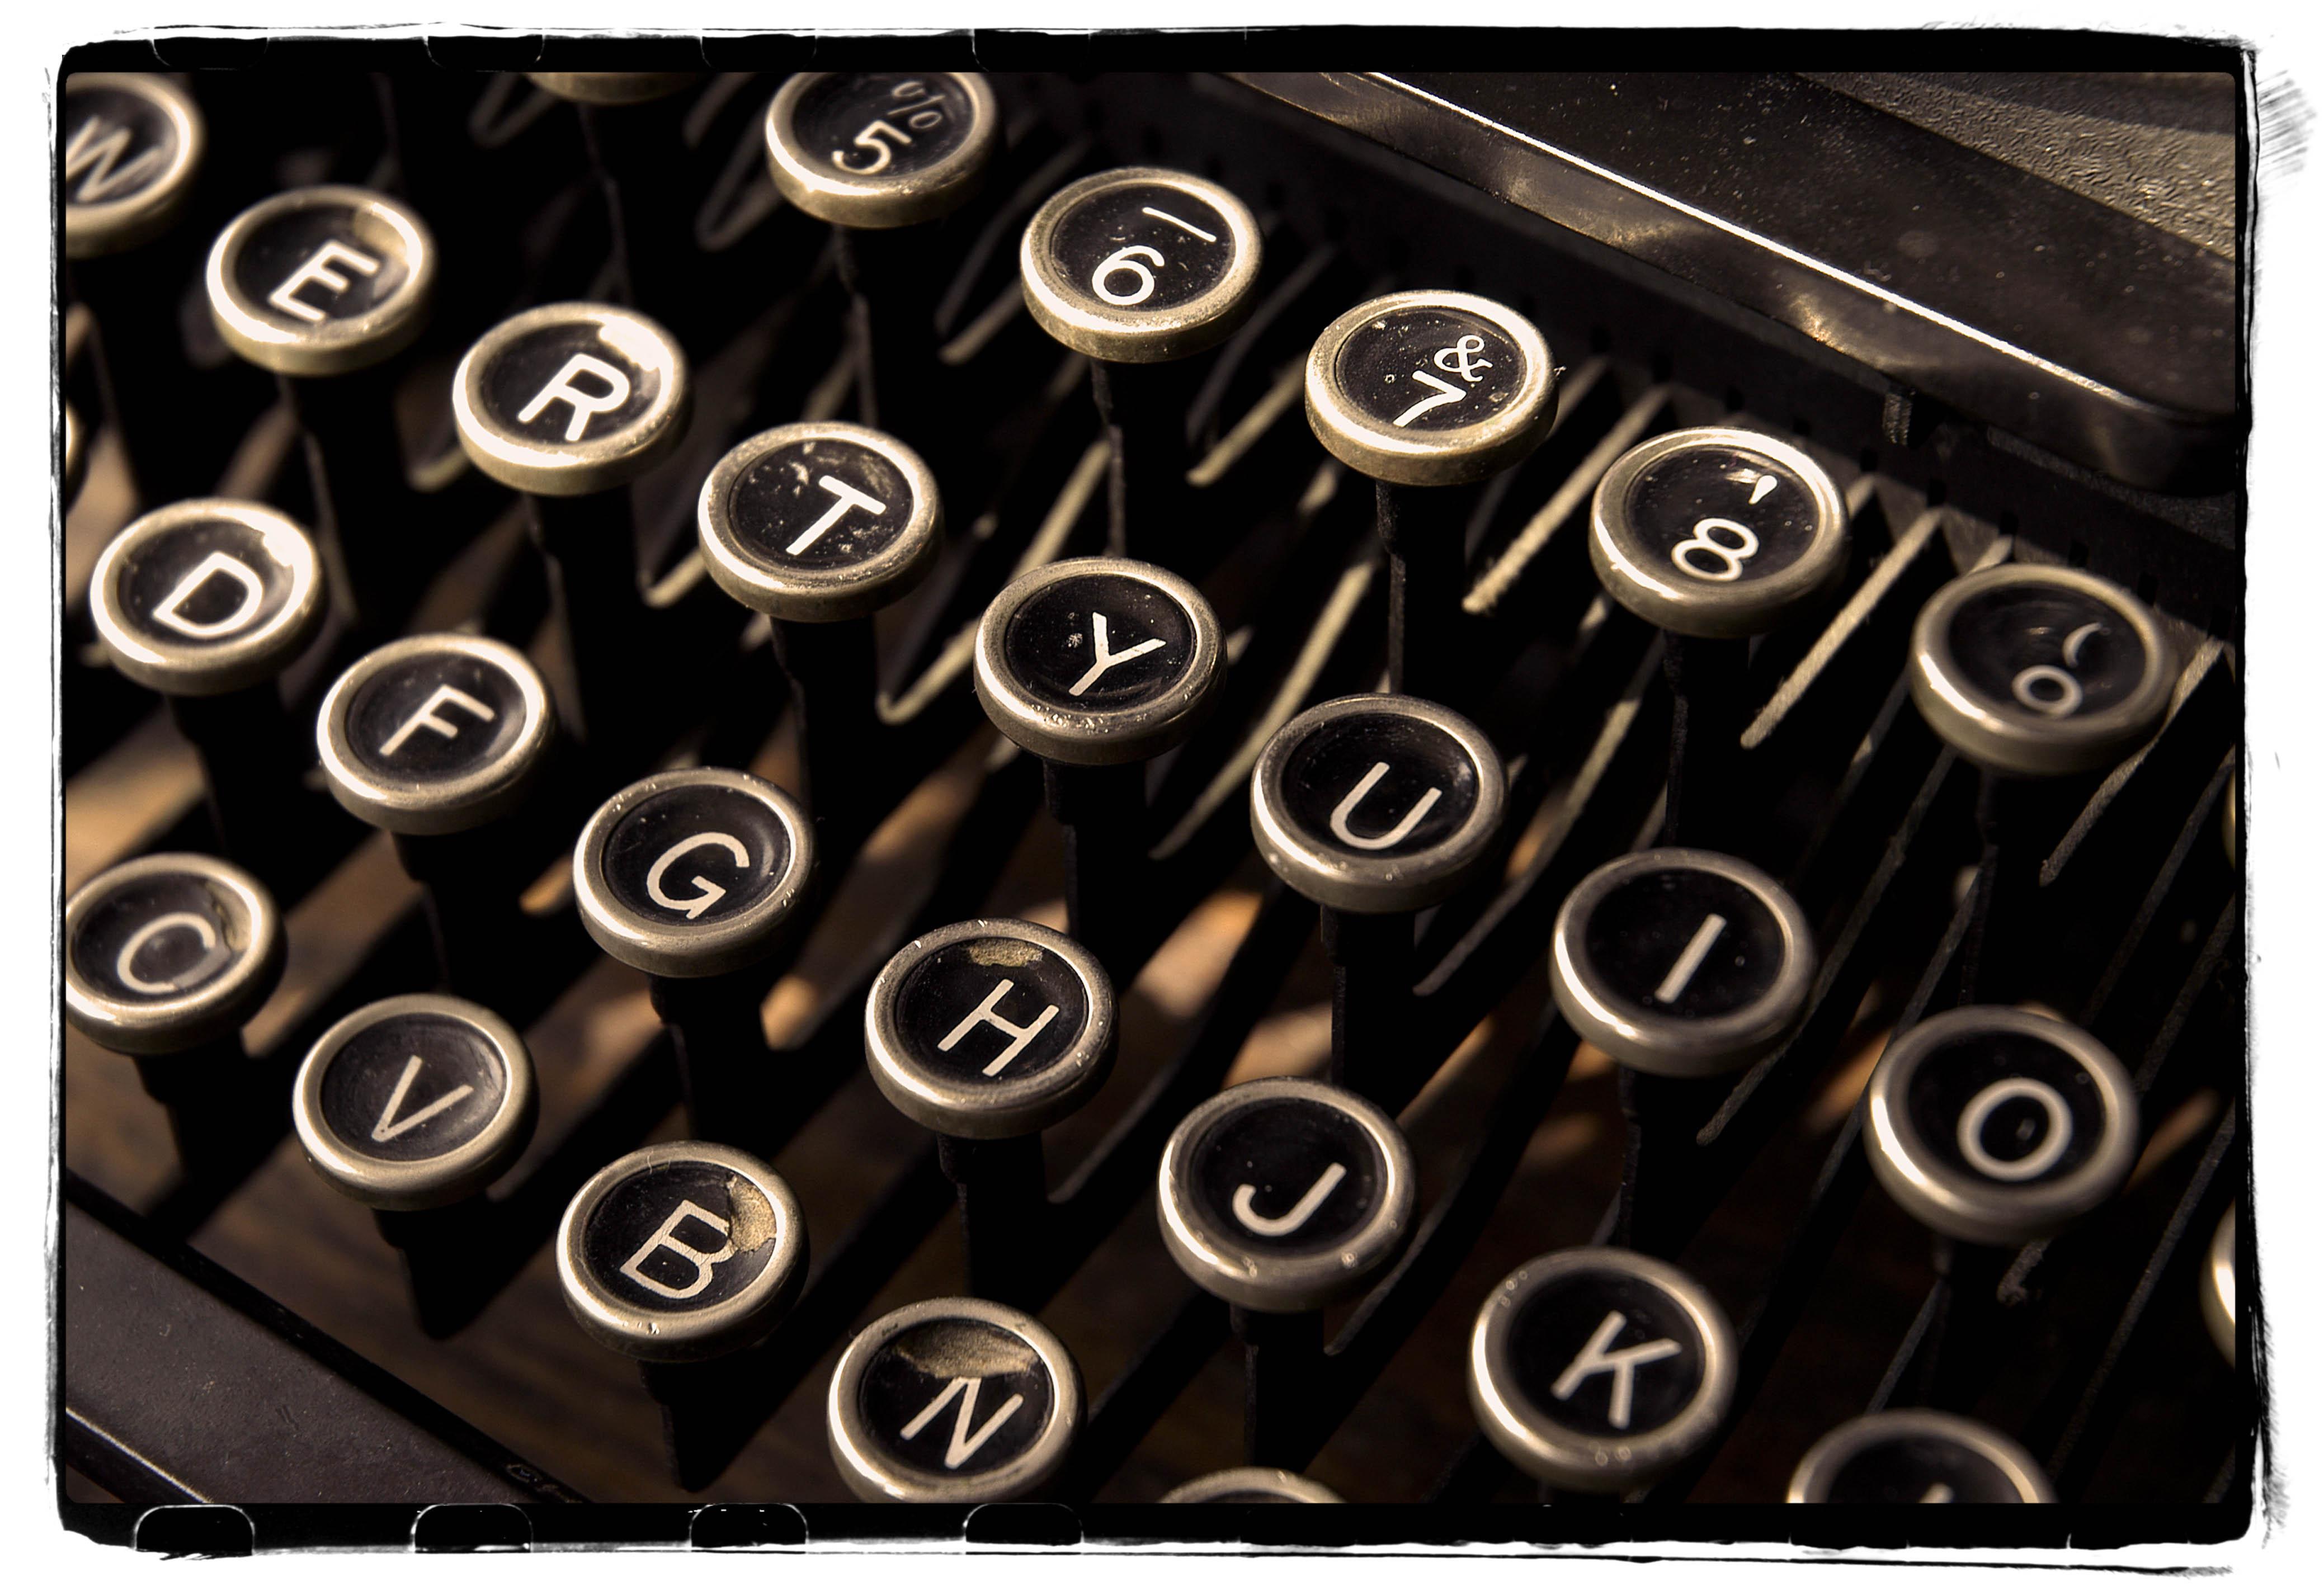 tasti di una macchina da scrivere